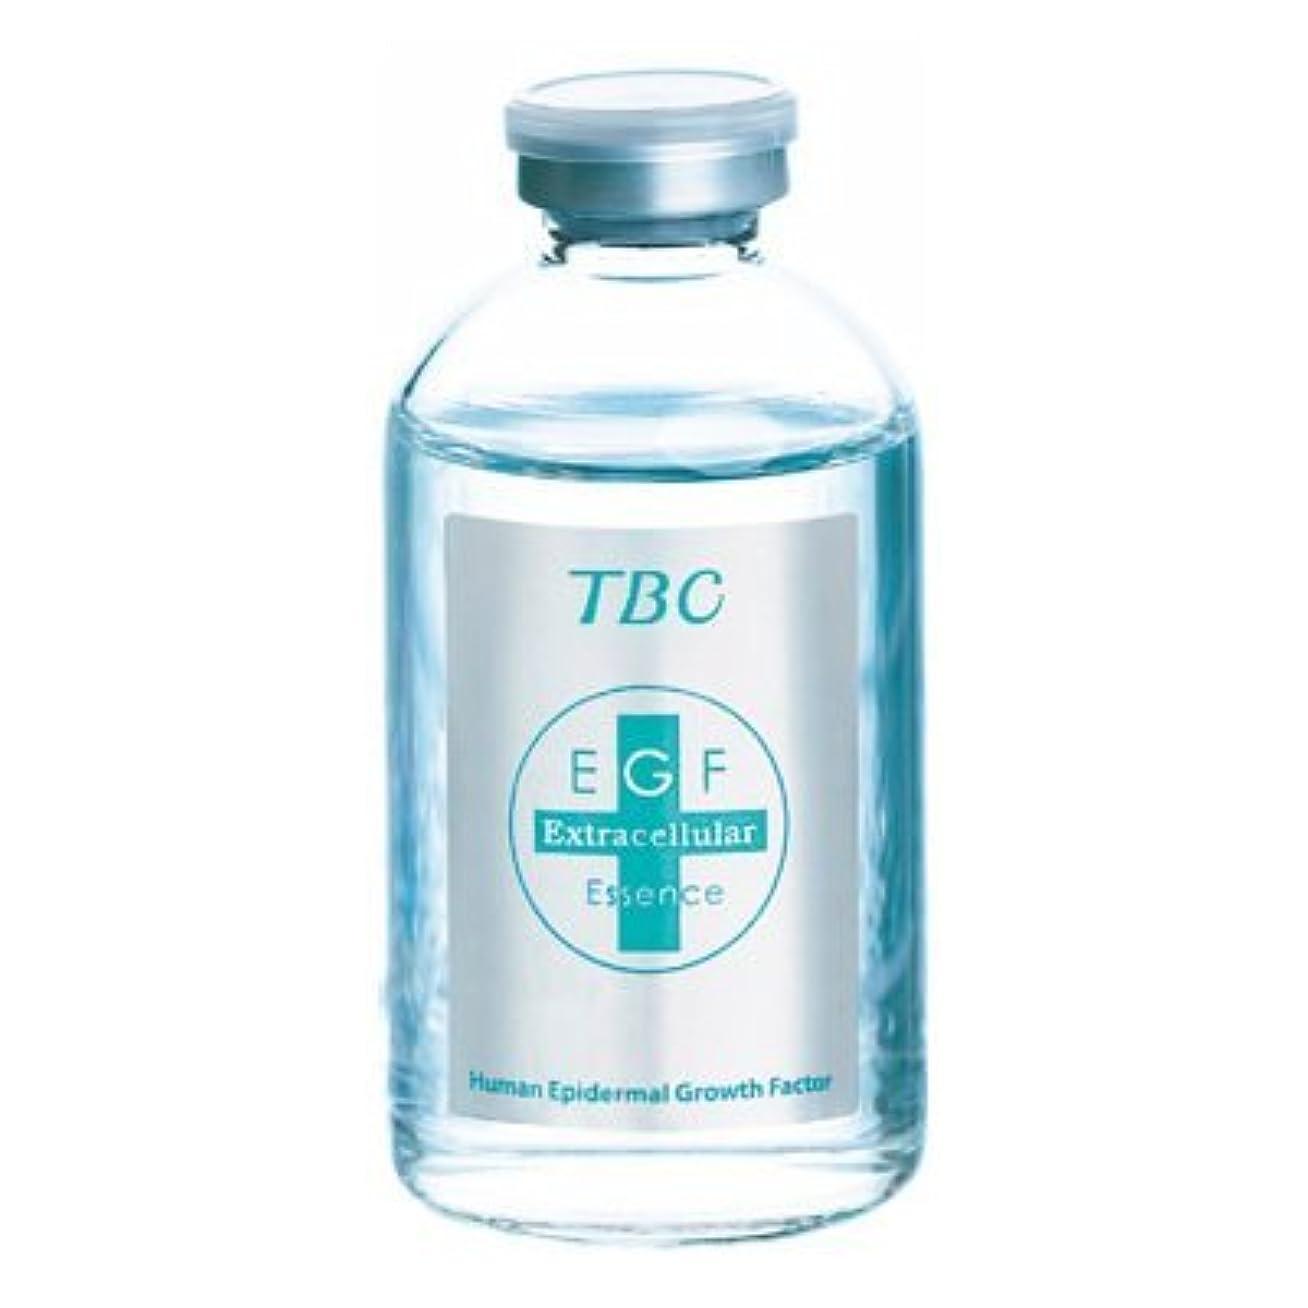 危険にさらされている整理する寸法TBC EGF エクストラエッセンス 60ml [並行輸入品]